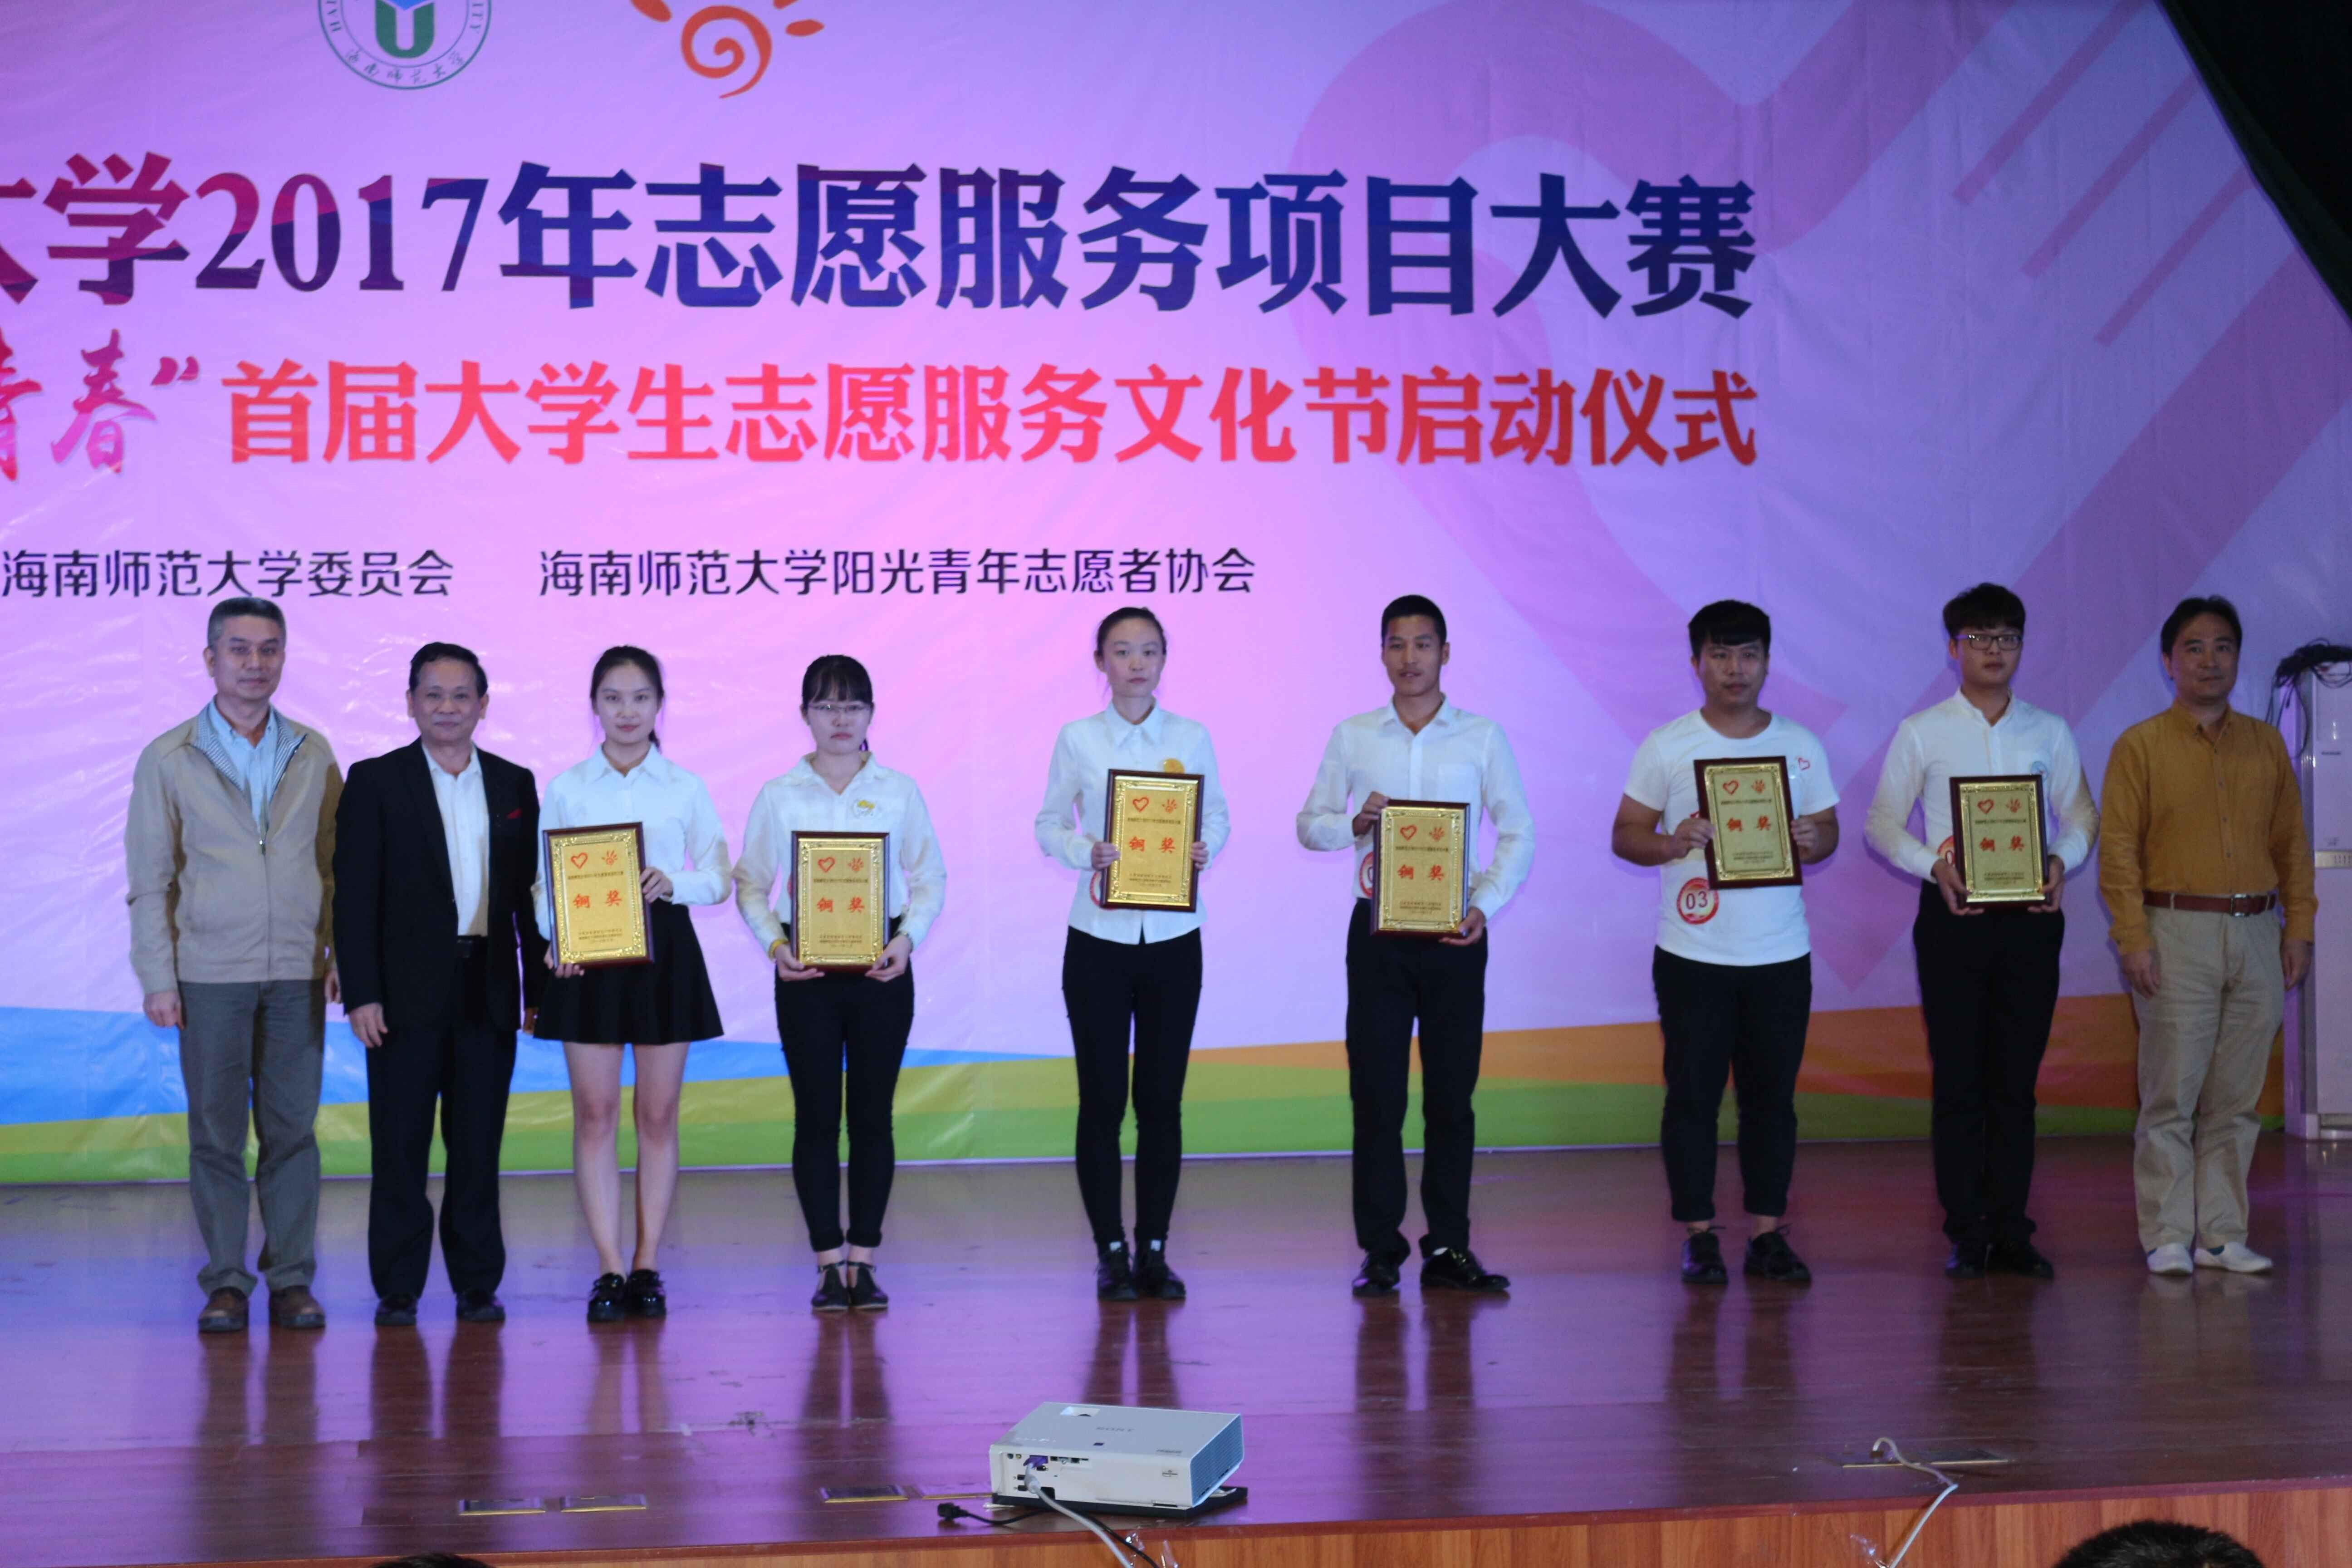 青年之声·教育与心理学院参加志愿服务项目大赛